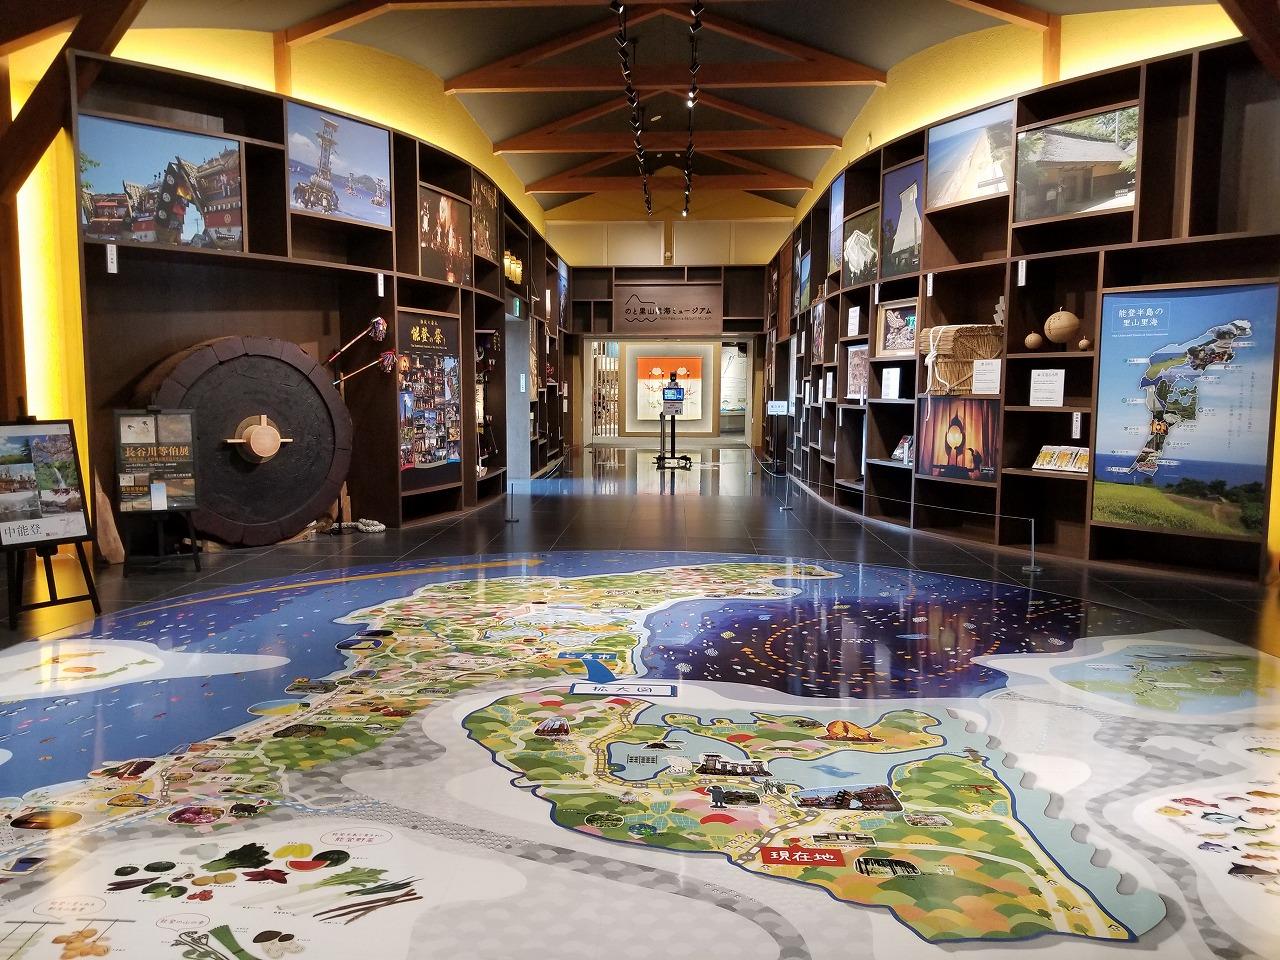 「のと里山里海ミュージアム」は能登の良さを一から学びながら能登の魅力を楽しめる【七尾市 七尾ICそば】